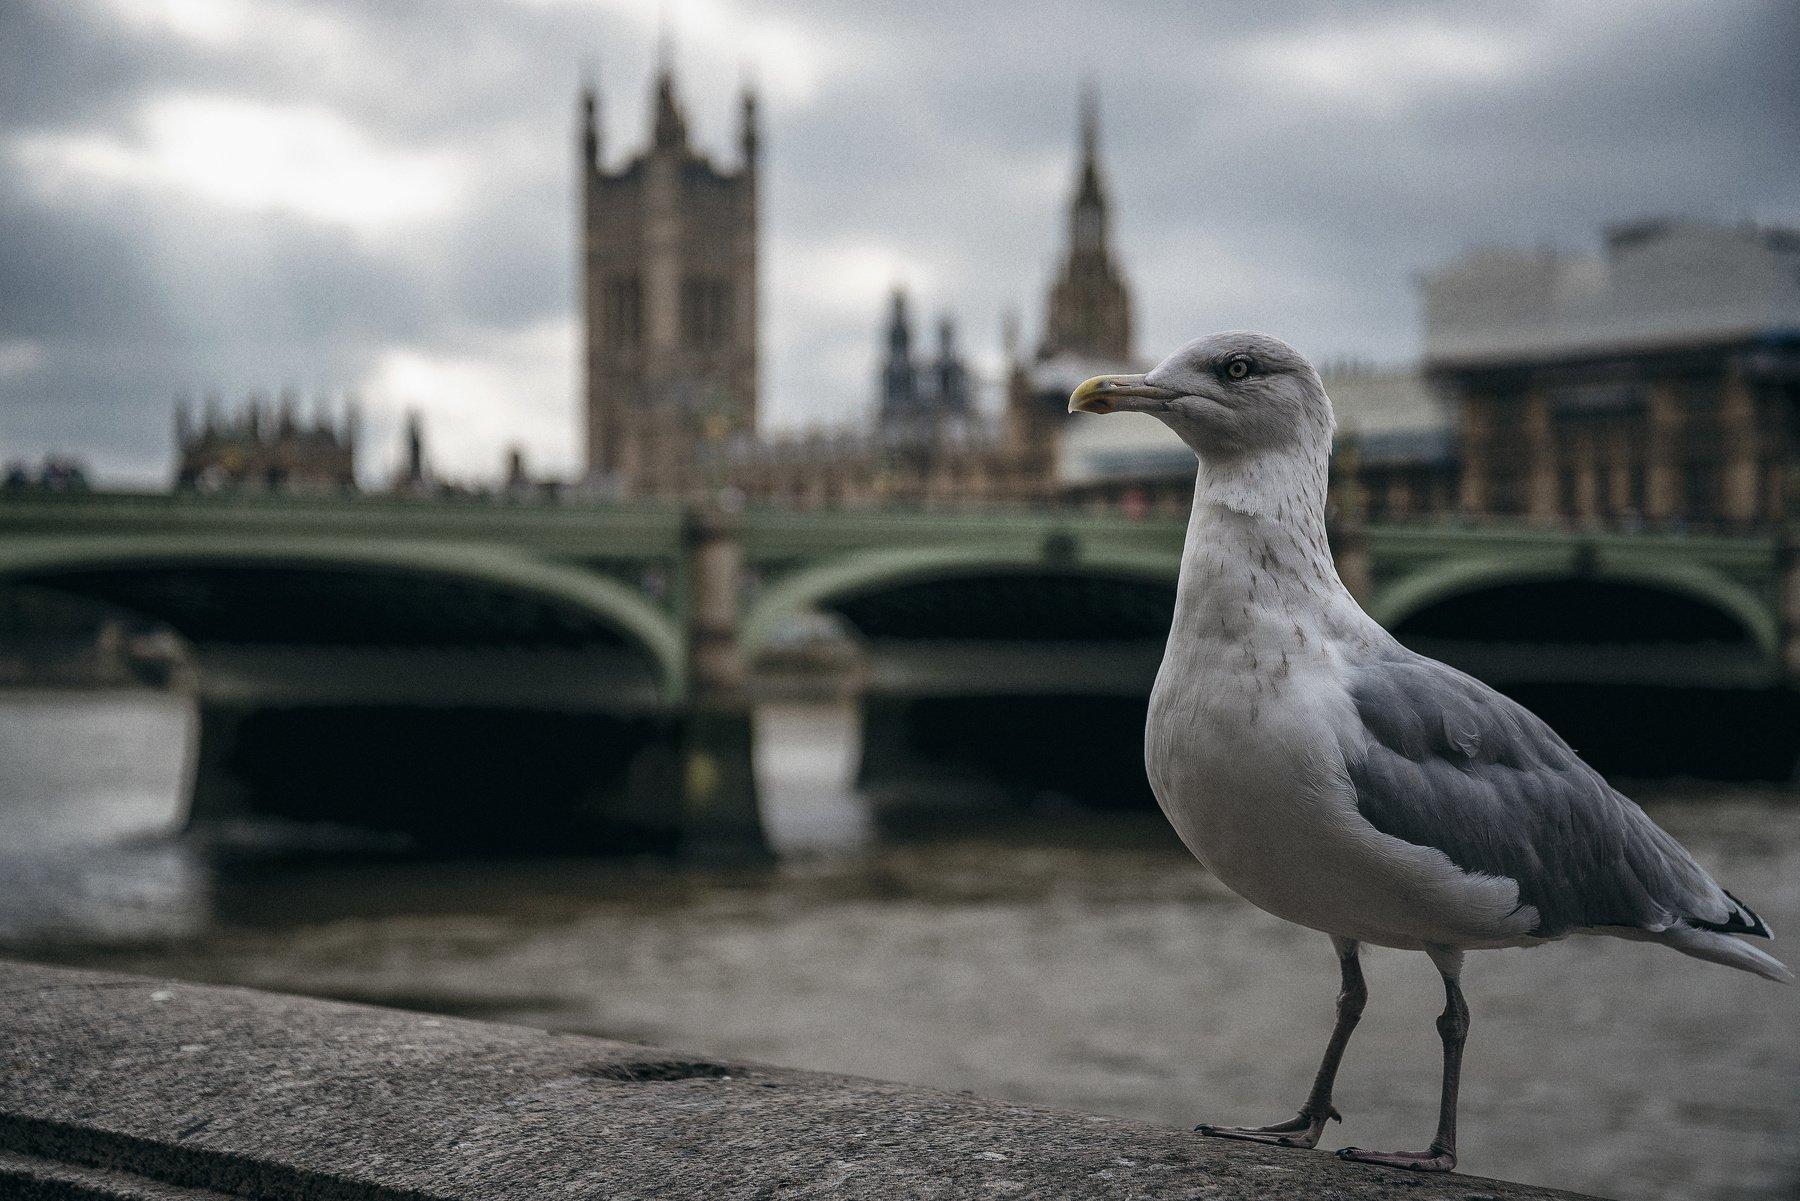 лондон, великобритания, мост, чайка, птица, Алексей Ермаков